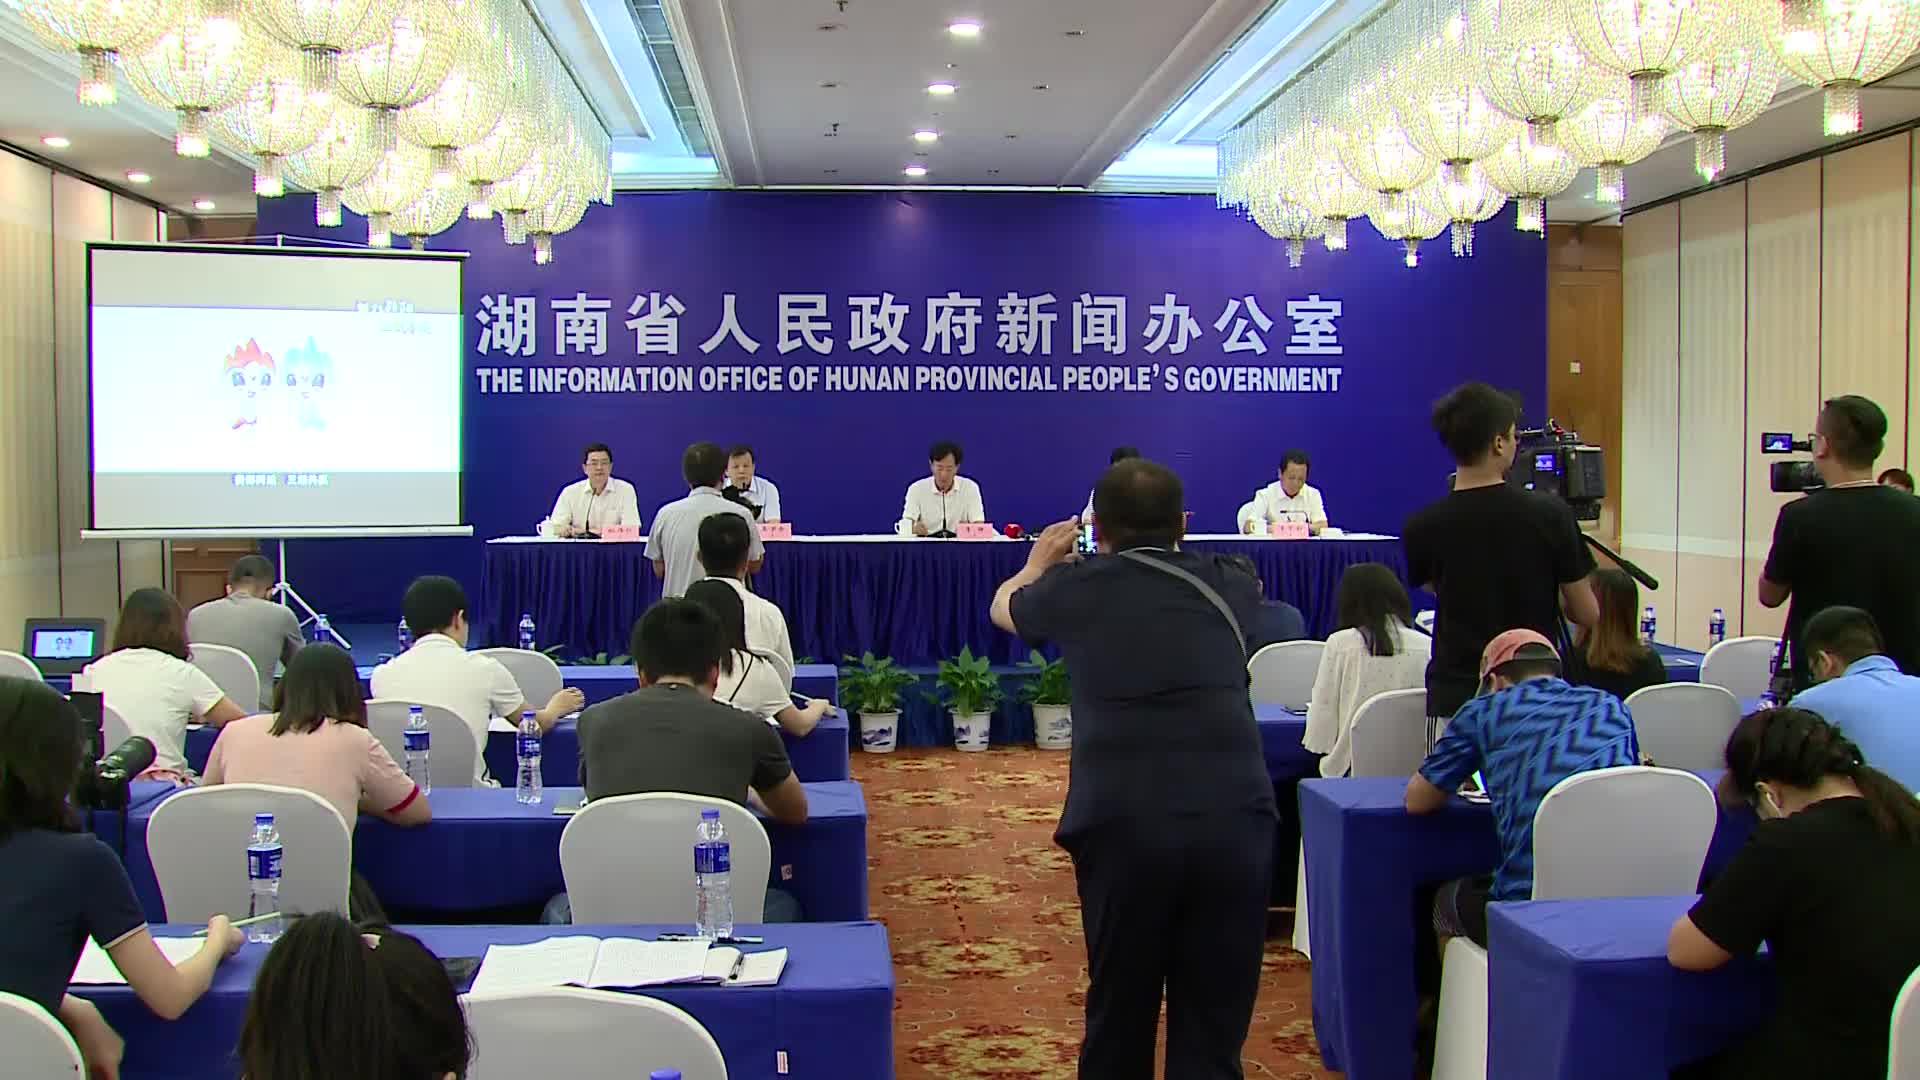 【全程回放】湖南省第十三届运动会、第十届残疾人运动会新闻发布会